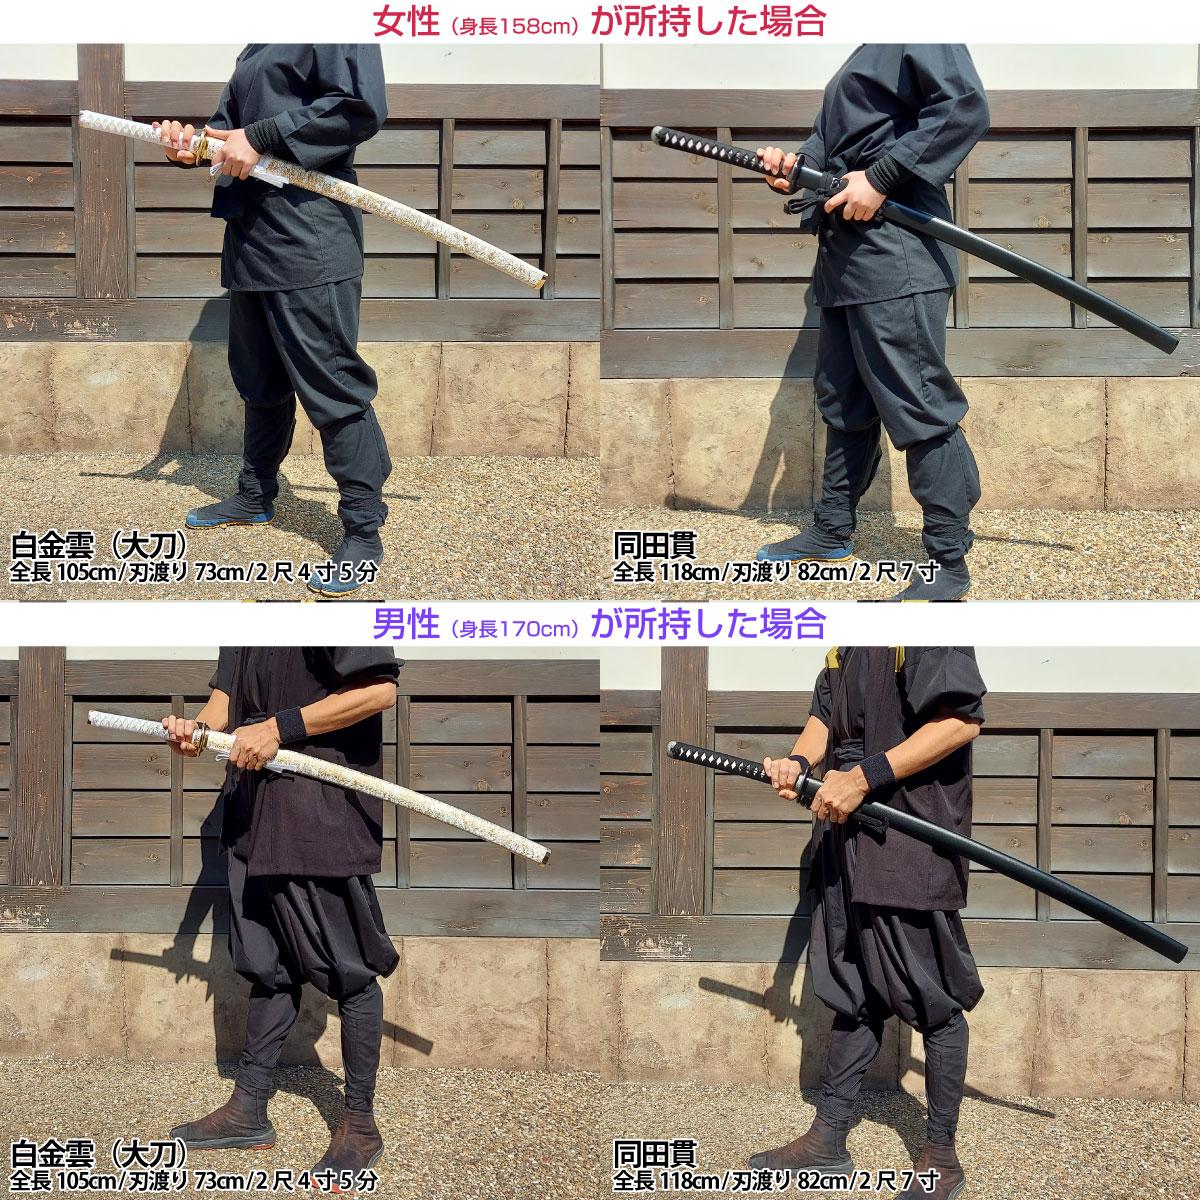 名刀伝 「にっかり青江」 大脇差 -最高級仕様拵え- しのびや特製刀剣証明書・クリーニングクロス・刀袋セット